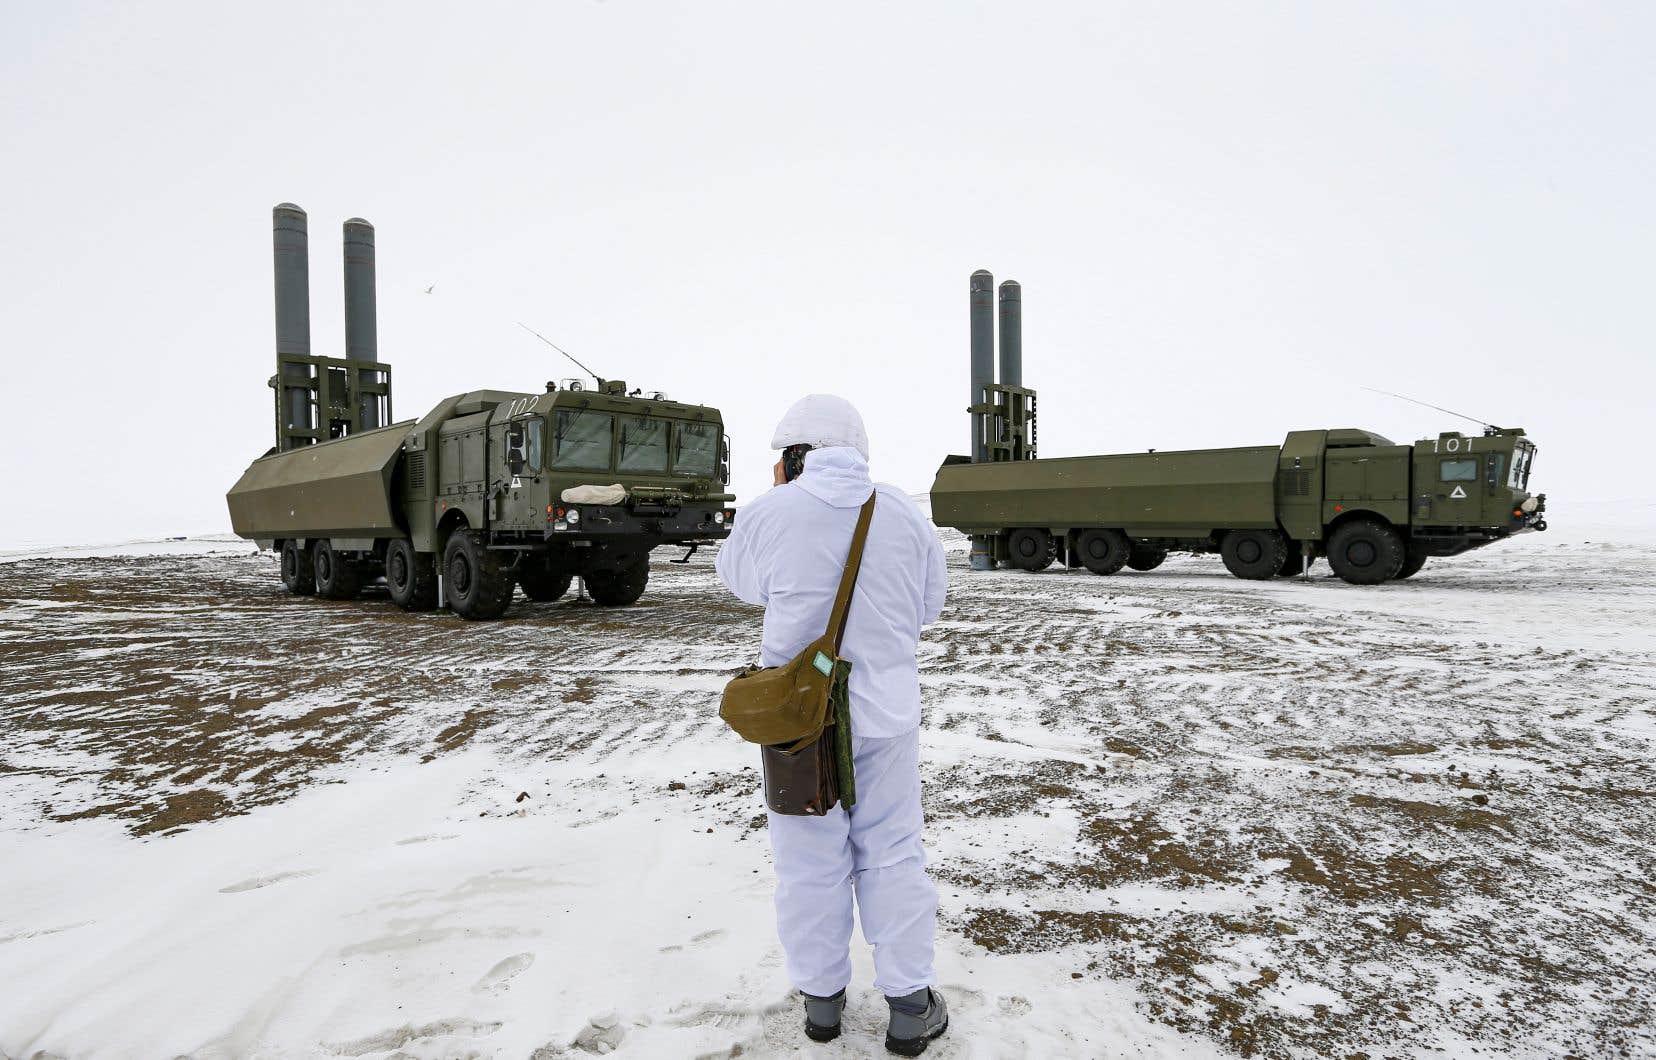 La Russie réitère son droit de défendre son littoral, mettant en garde l'Occident contre ses ambitions dans la région.